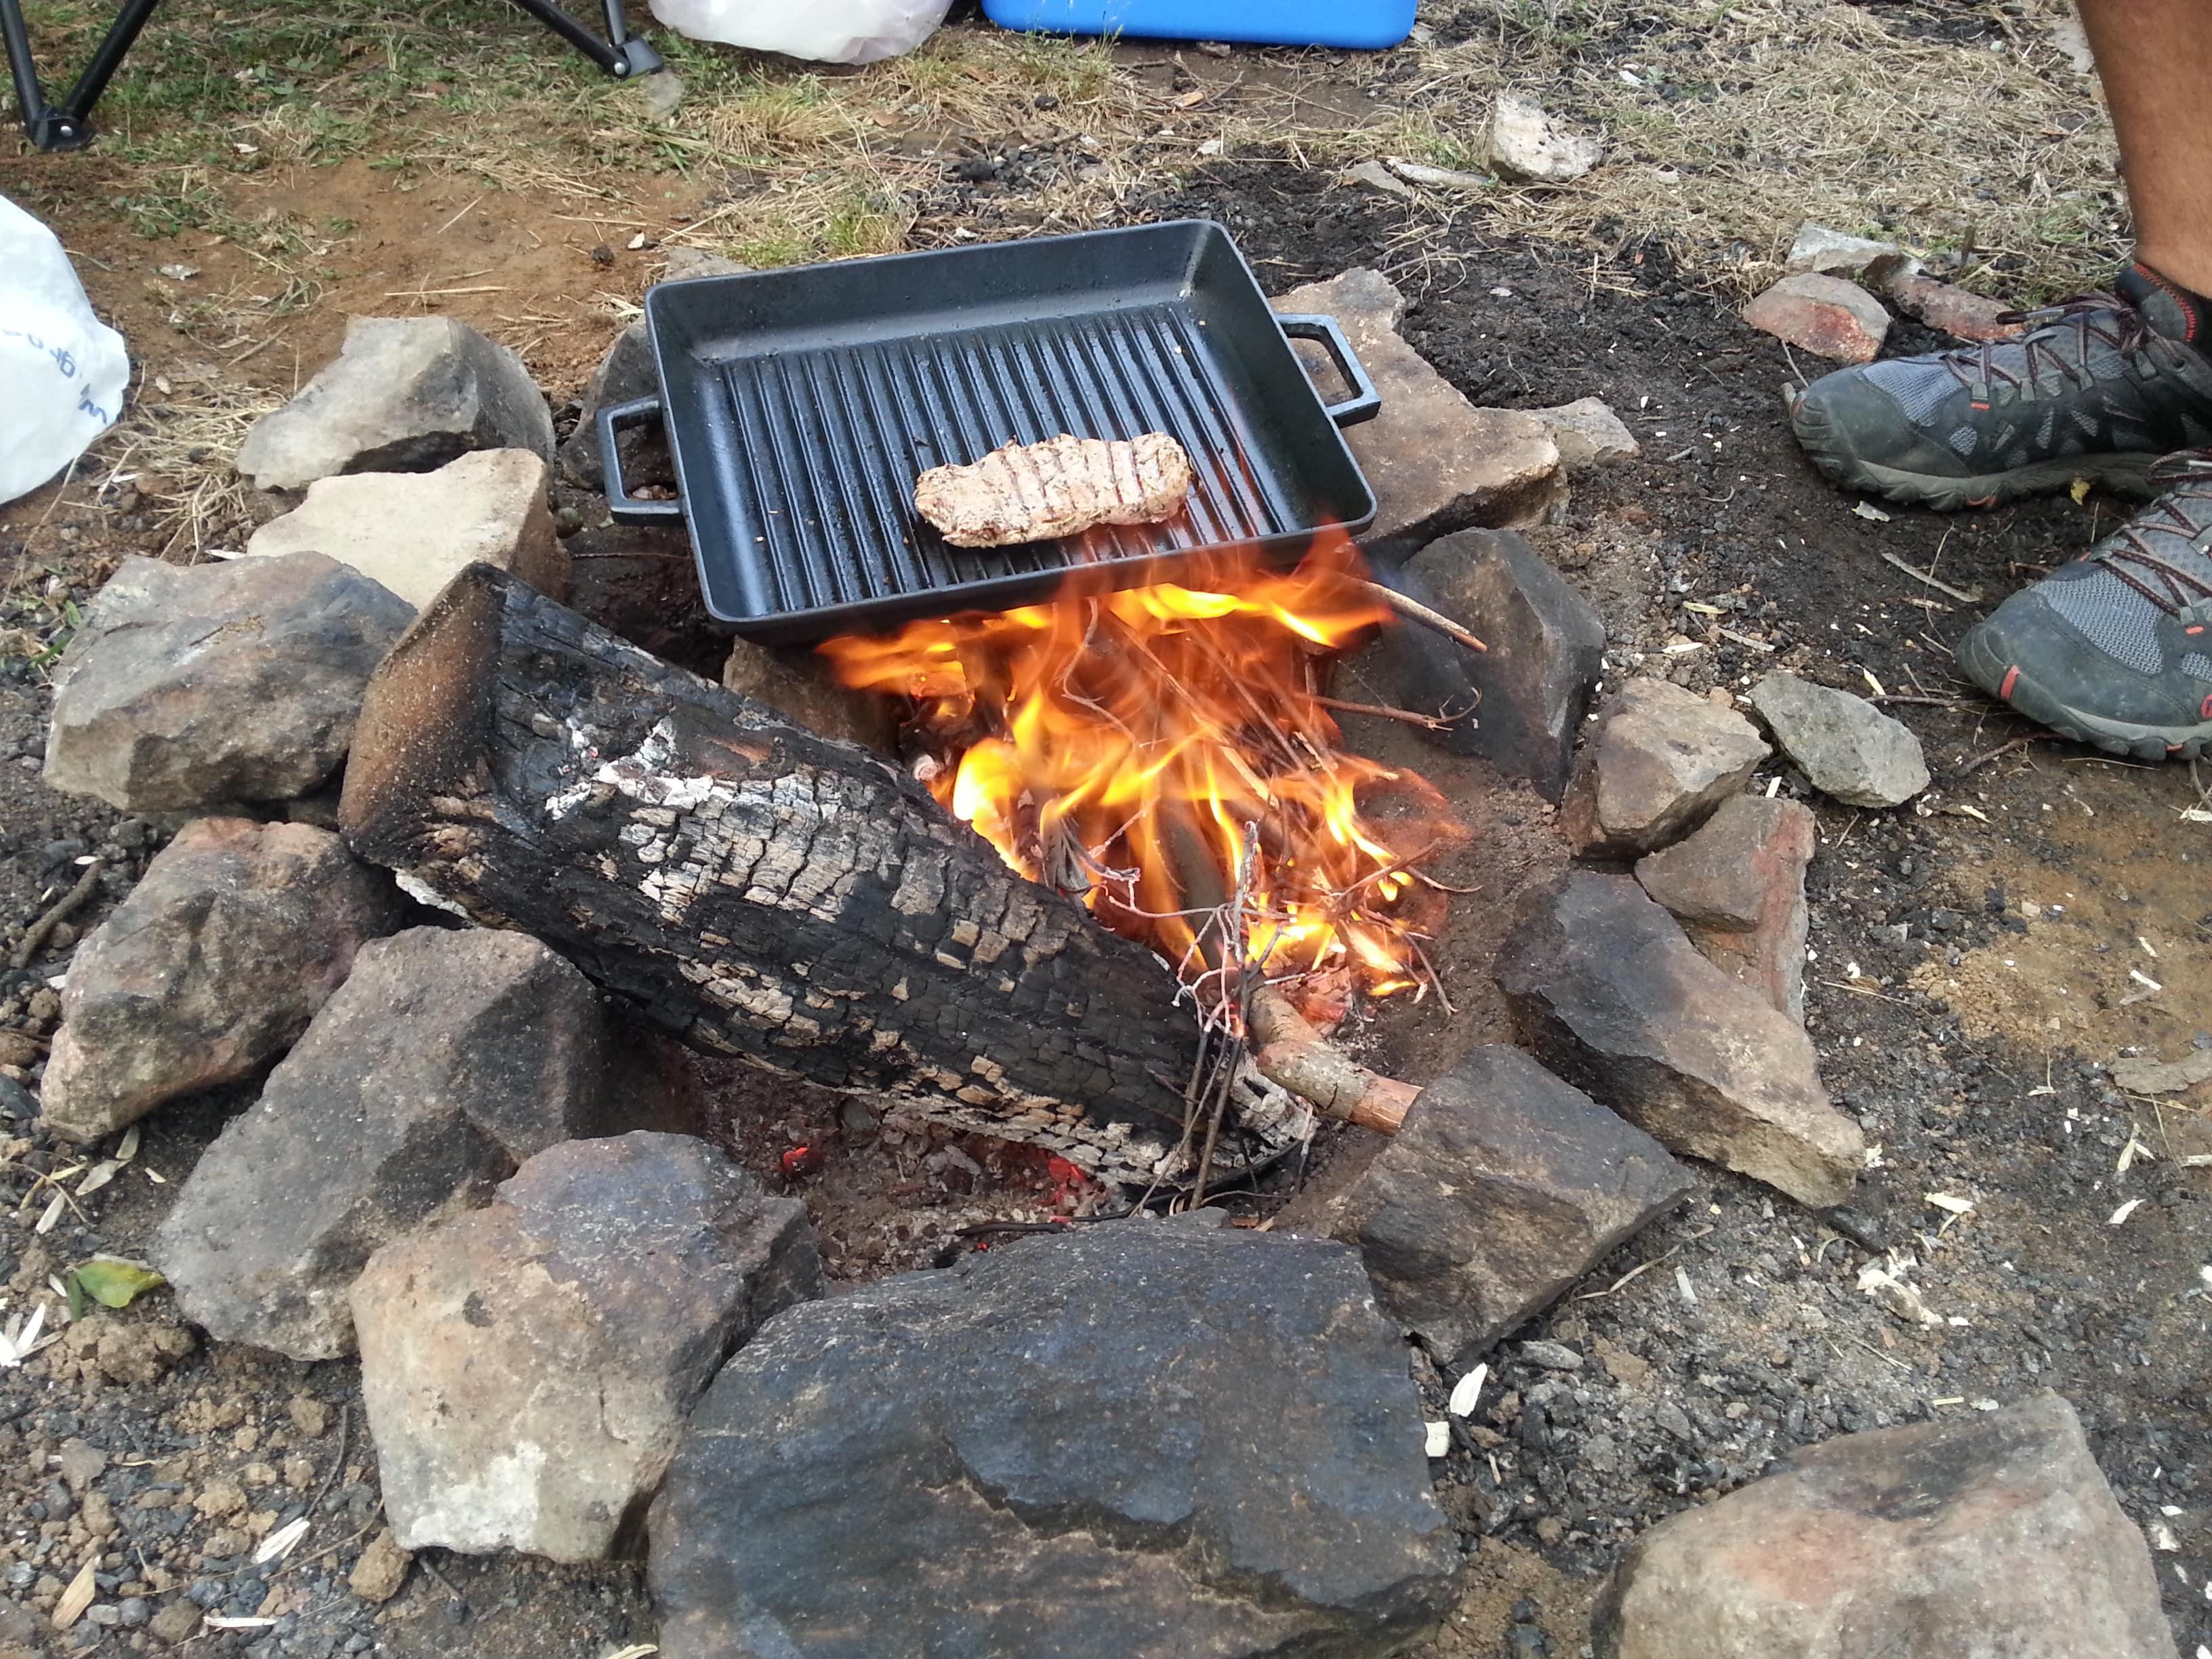 Ateş çukurunda yakılmış kamp ateşi ve üzerinde döküm tava